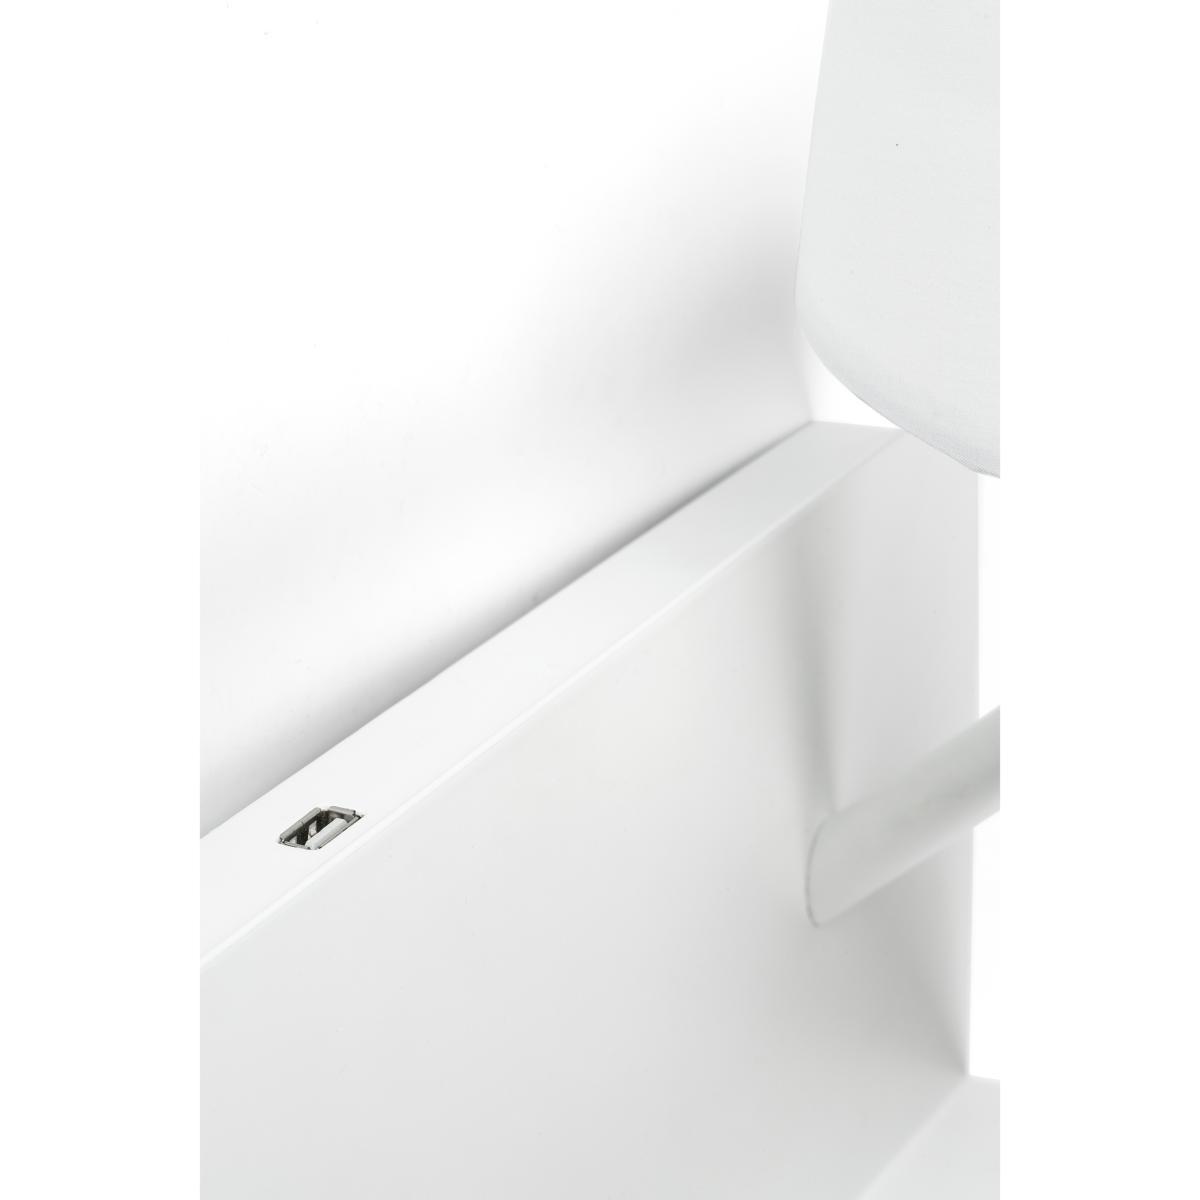 Applique liseuse gauche étagère LED port USB FARO Handy